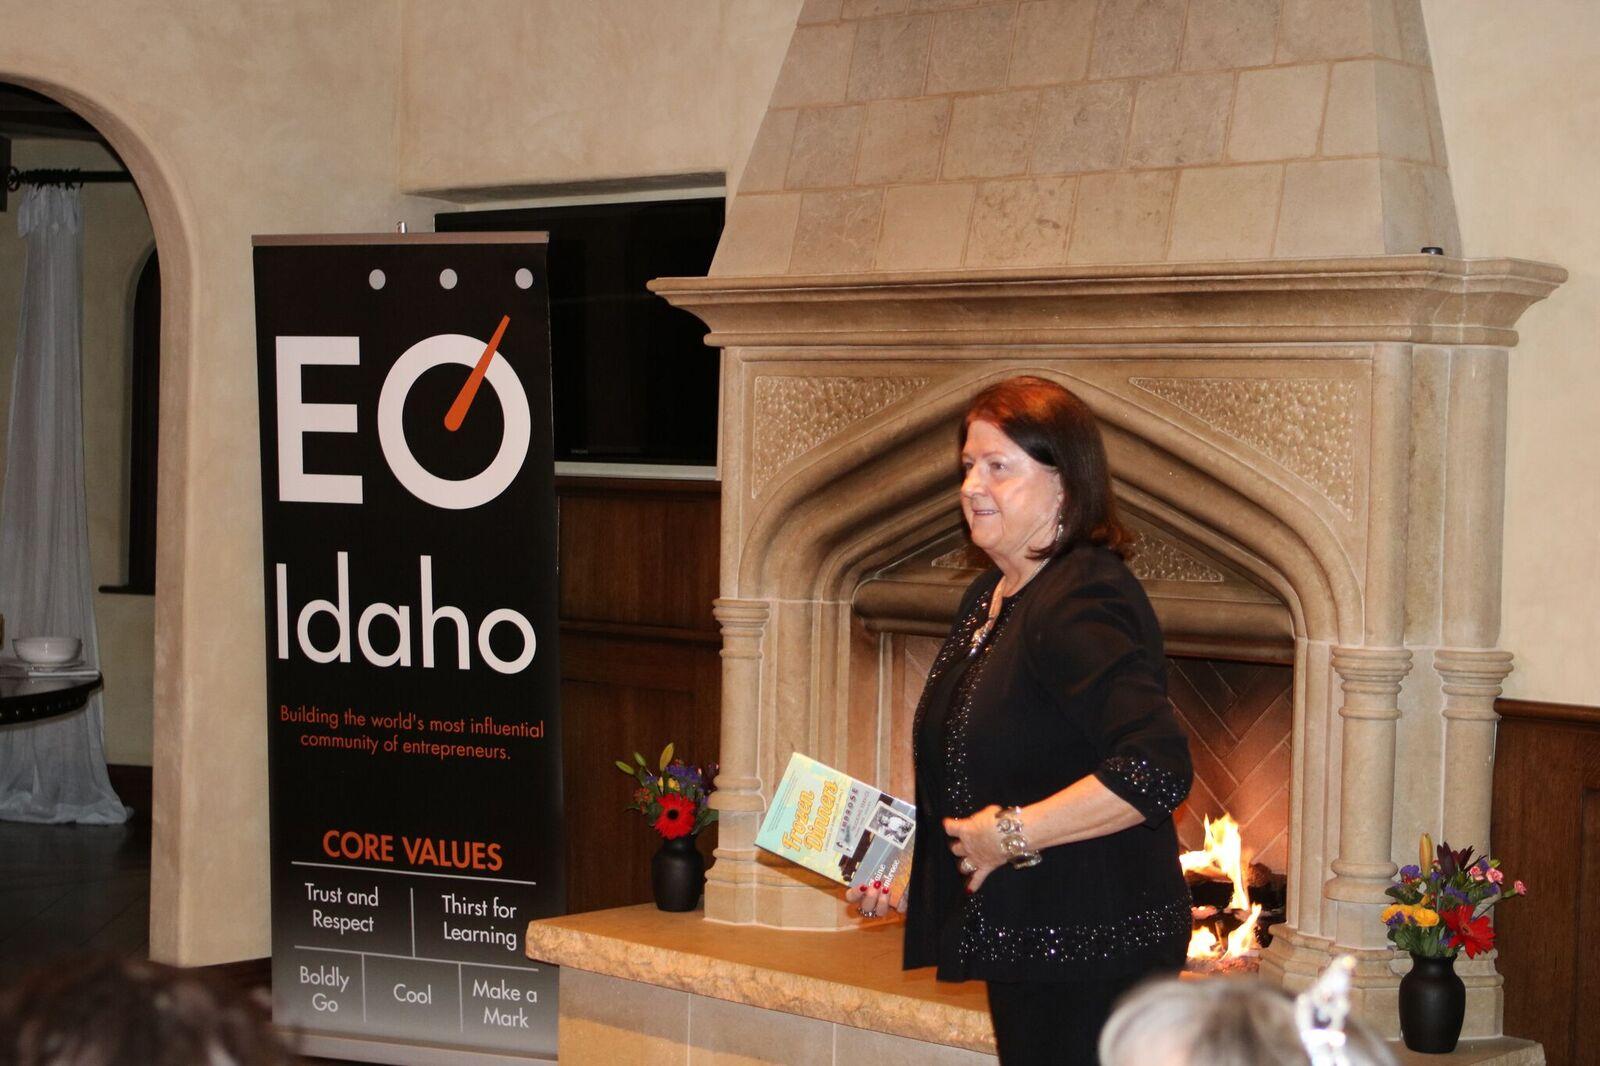 Elaine Ambrose, EO Idaho